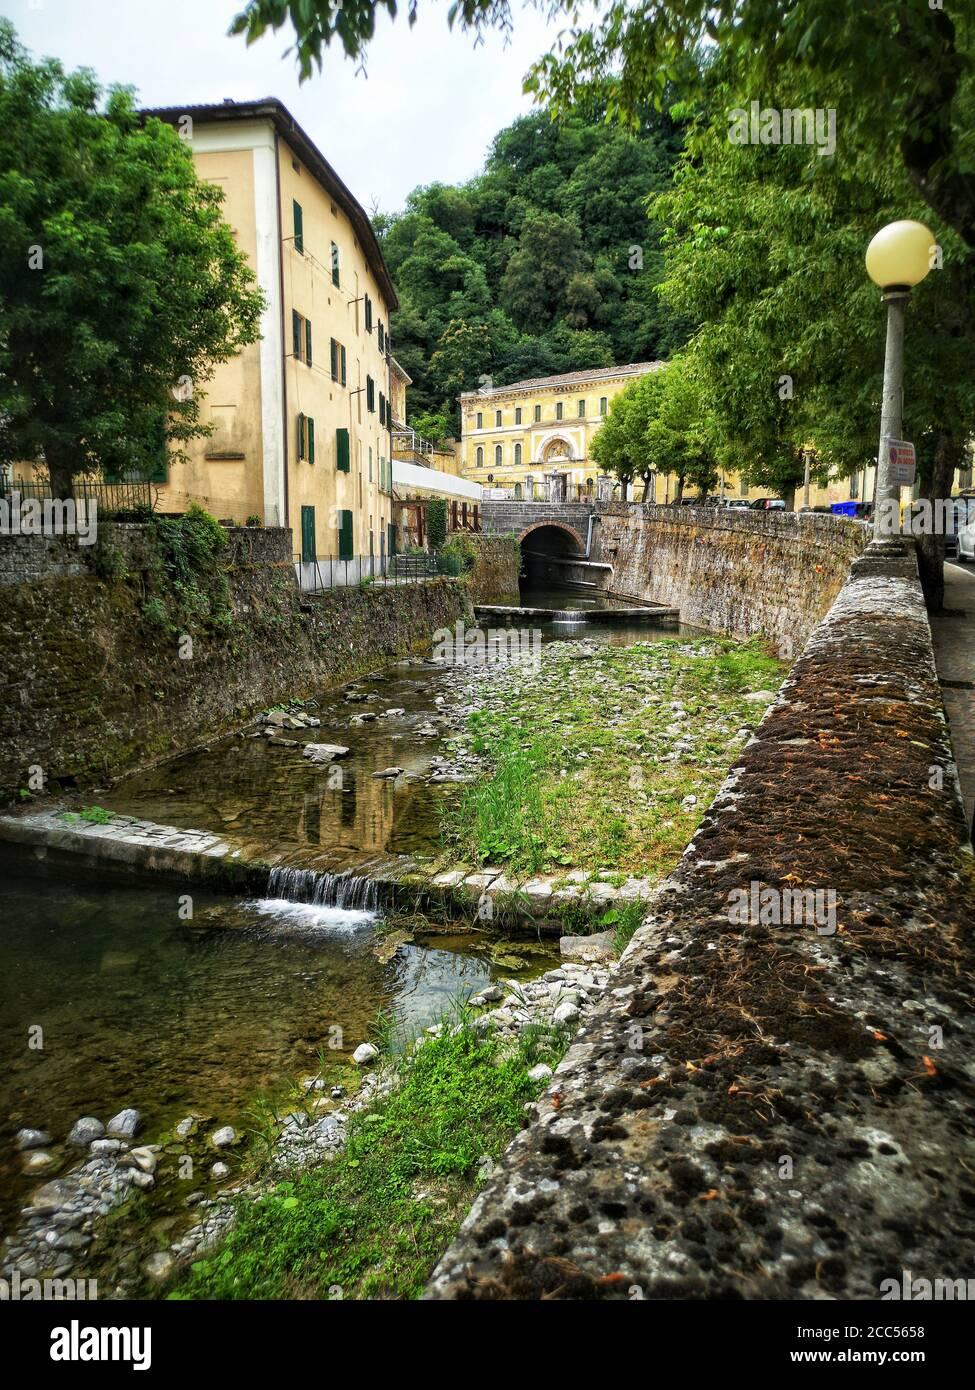 vertical river in italy town village of Porretta near Bologna in Emilia Romagna Stock Photo